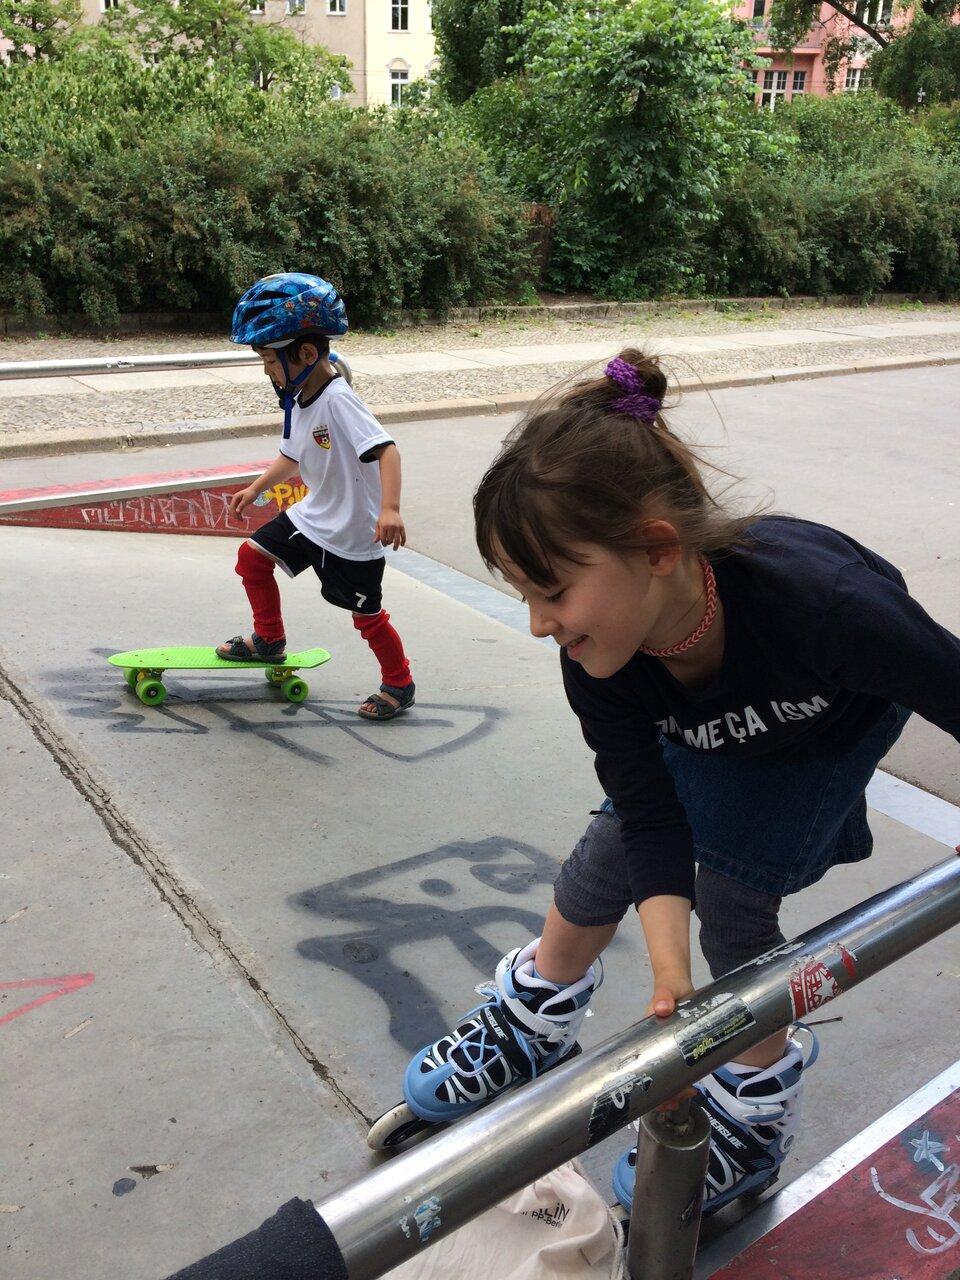 瑠南ちゃん7才、玲くん5才の頃。ローラースケートとボードの練習を始めたときの様子。<br> 写真提供:希代真理子